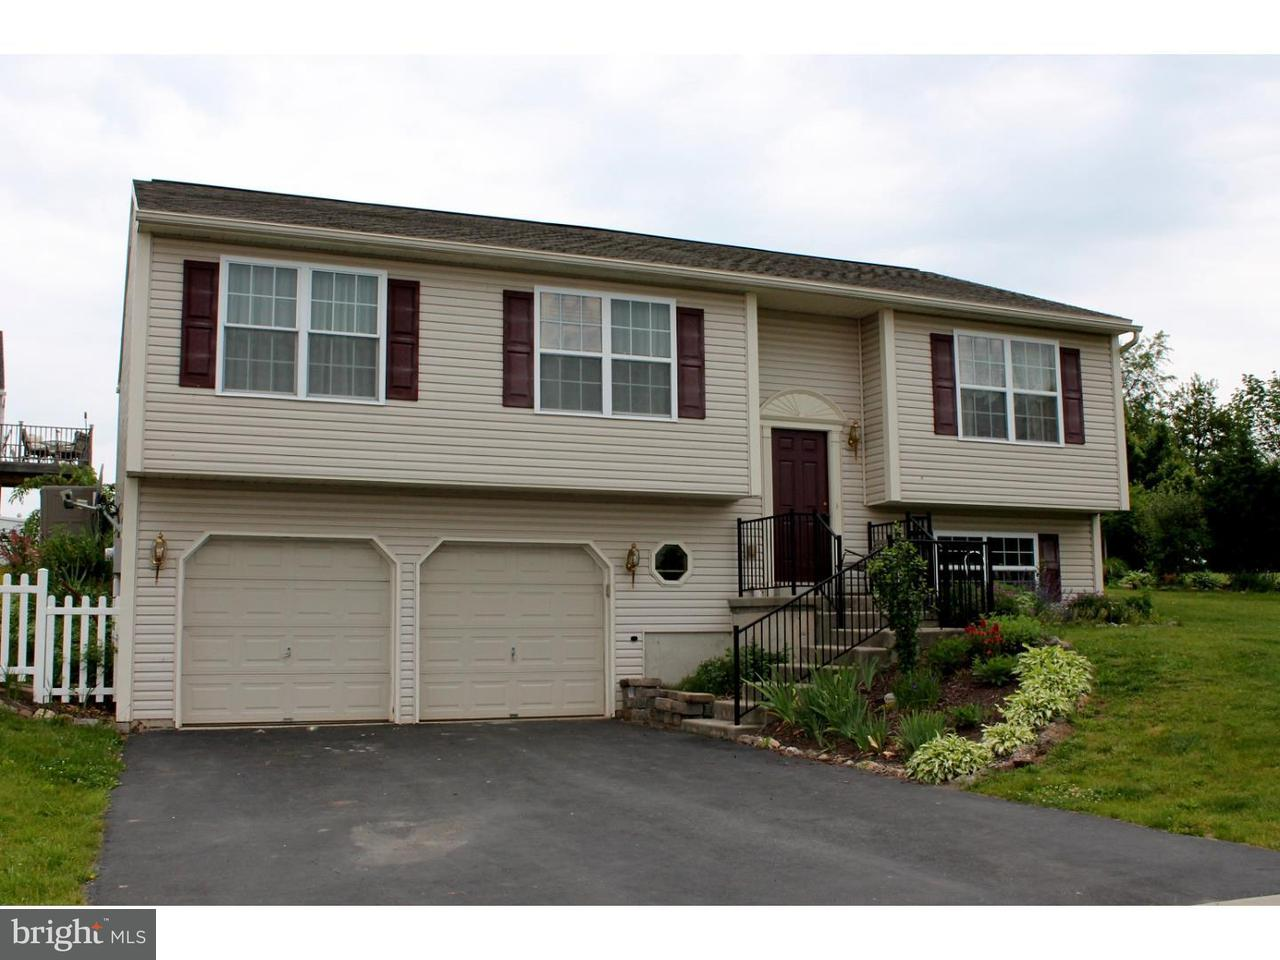 Частный односемейный дом для того Продажа на 3 LOWLAND CV Pine Grove, Пенсильвания 17963 Соединенные Штаты